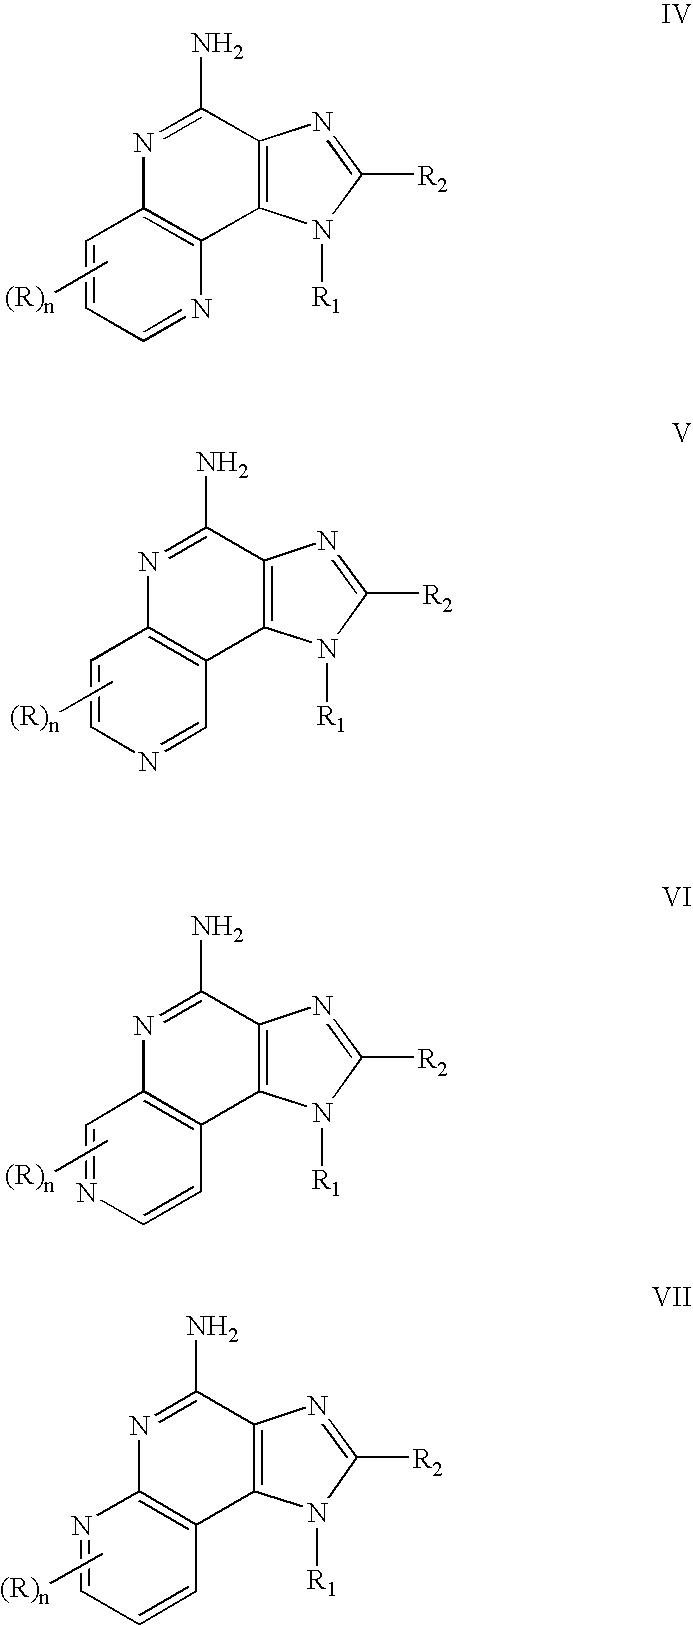 Figure US20060189644A1-20060824-C00009